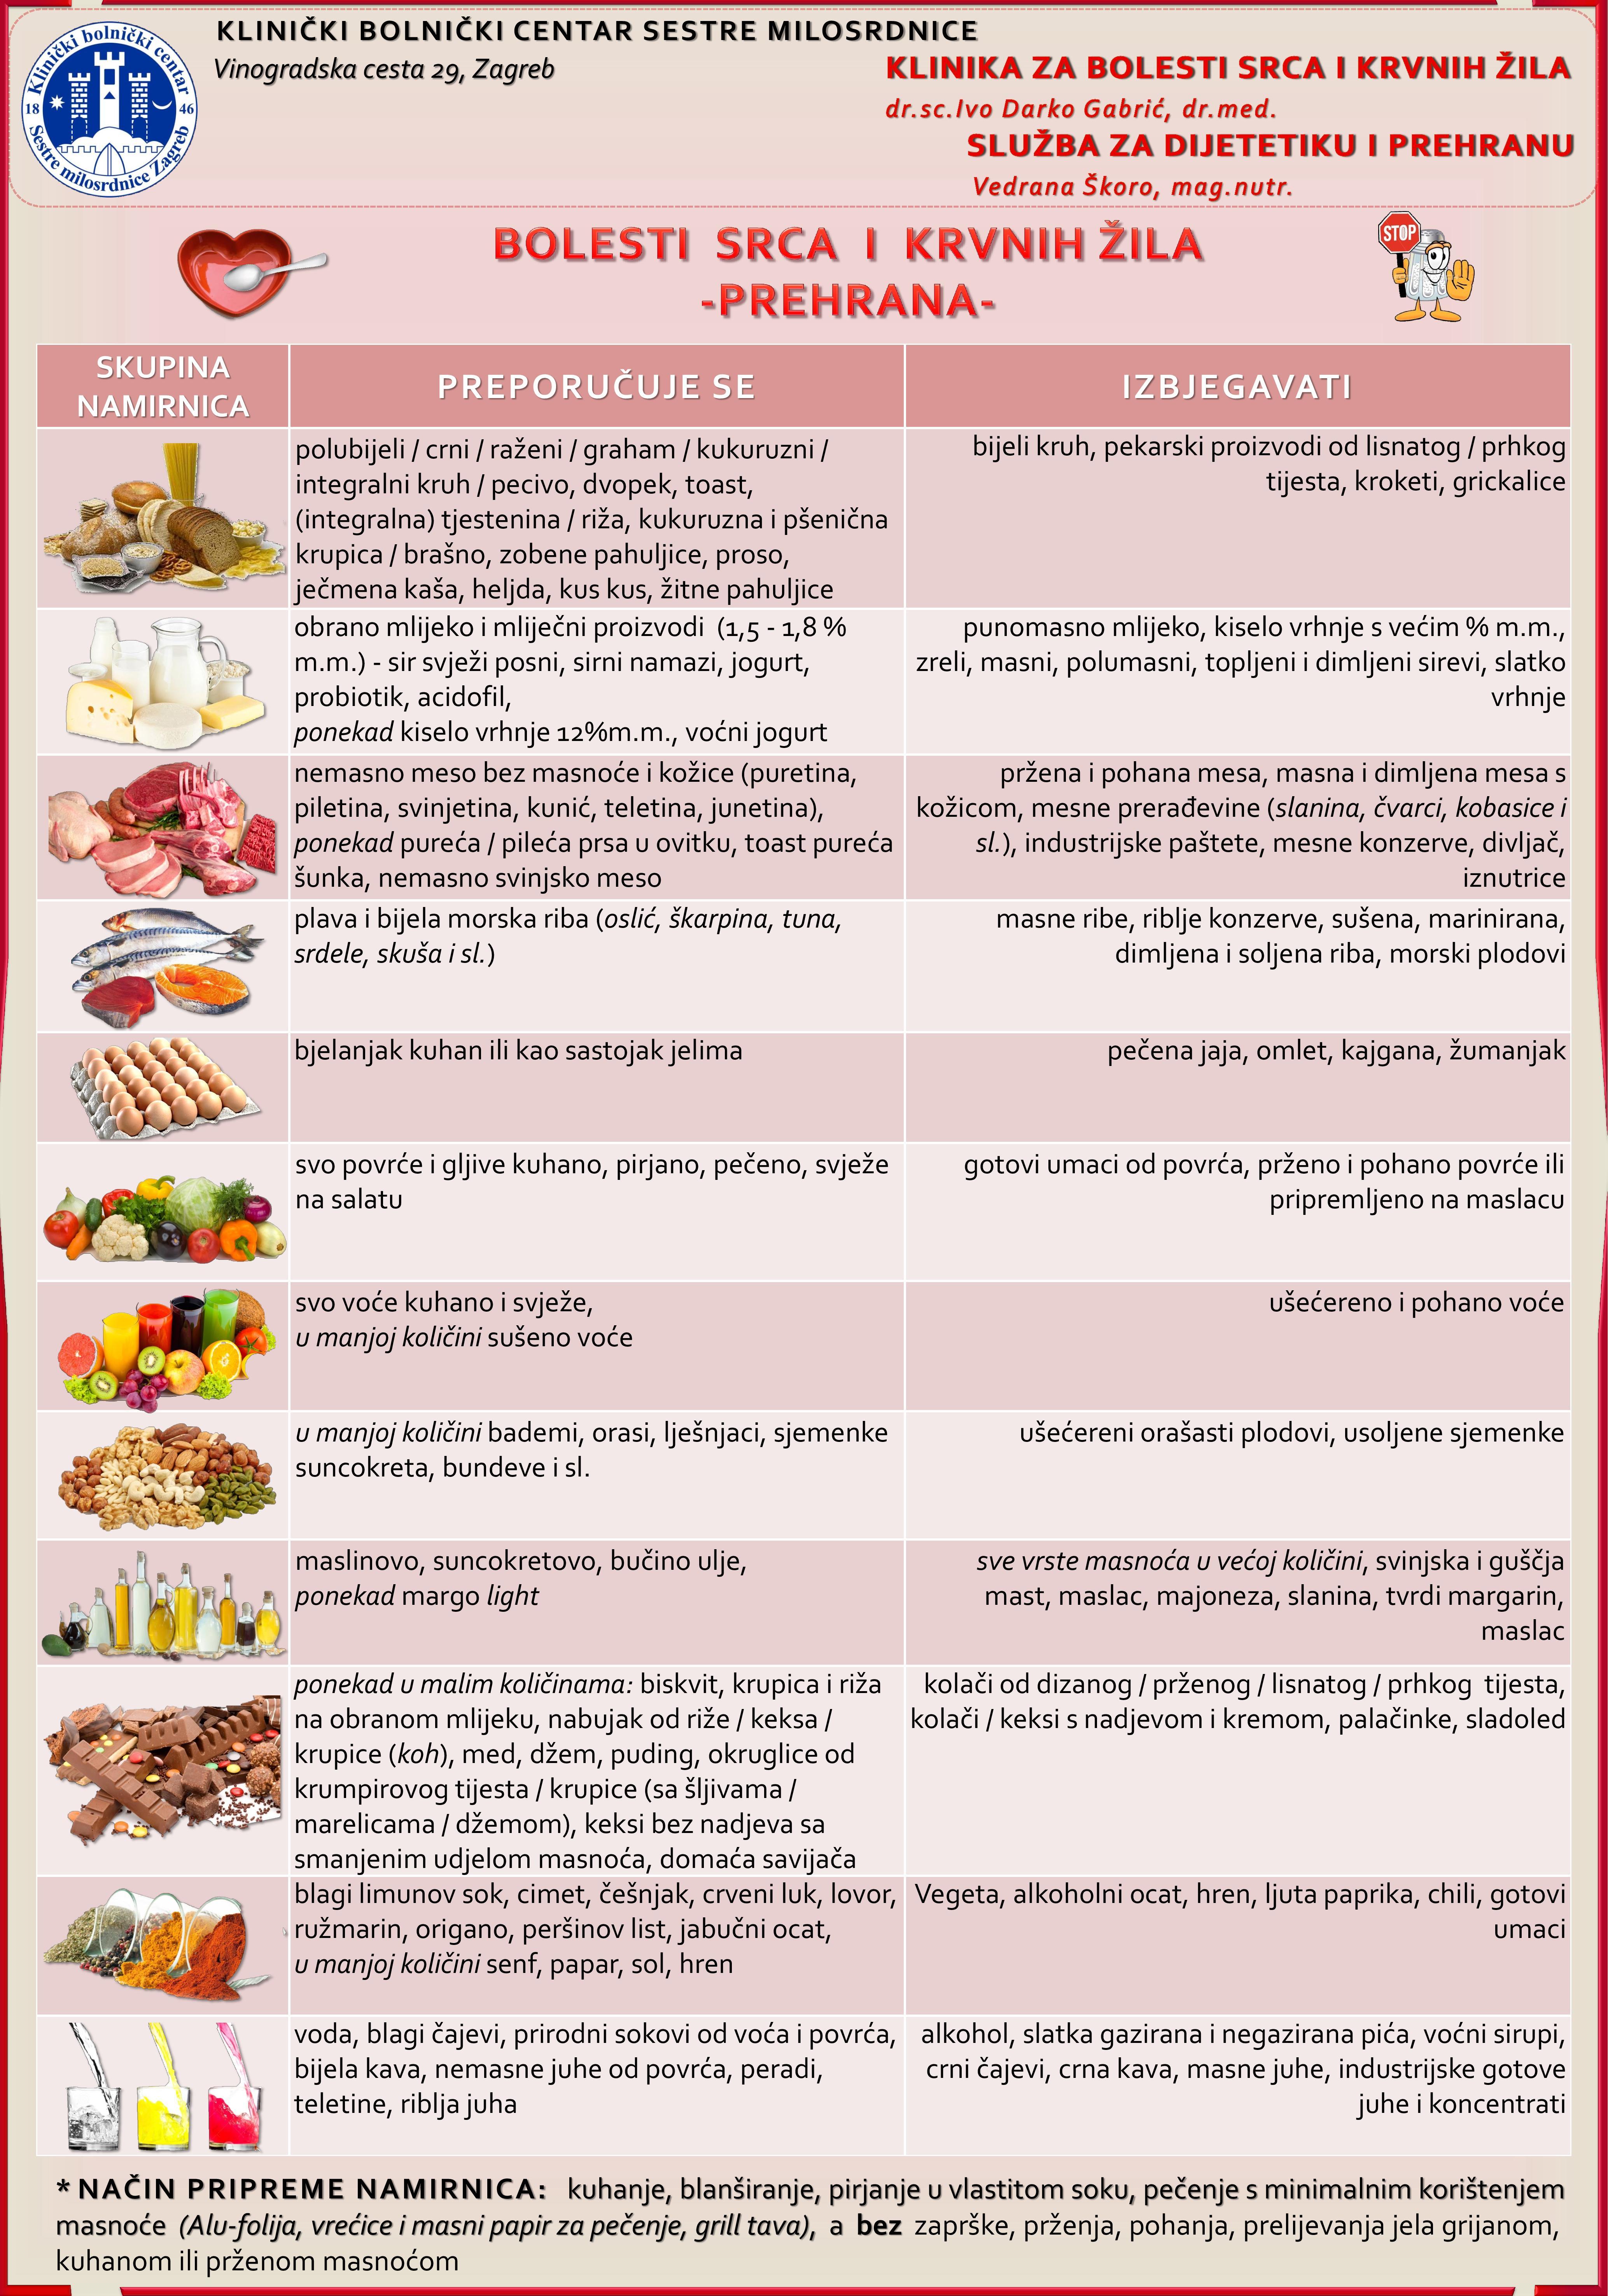 dijeta za hipertenziju recepte i jelovnike